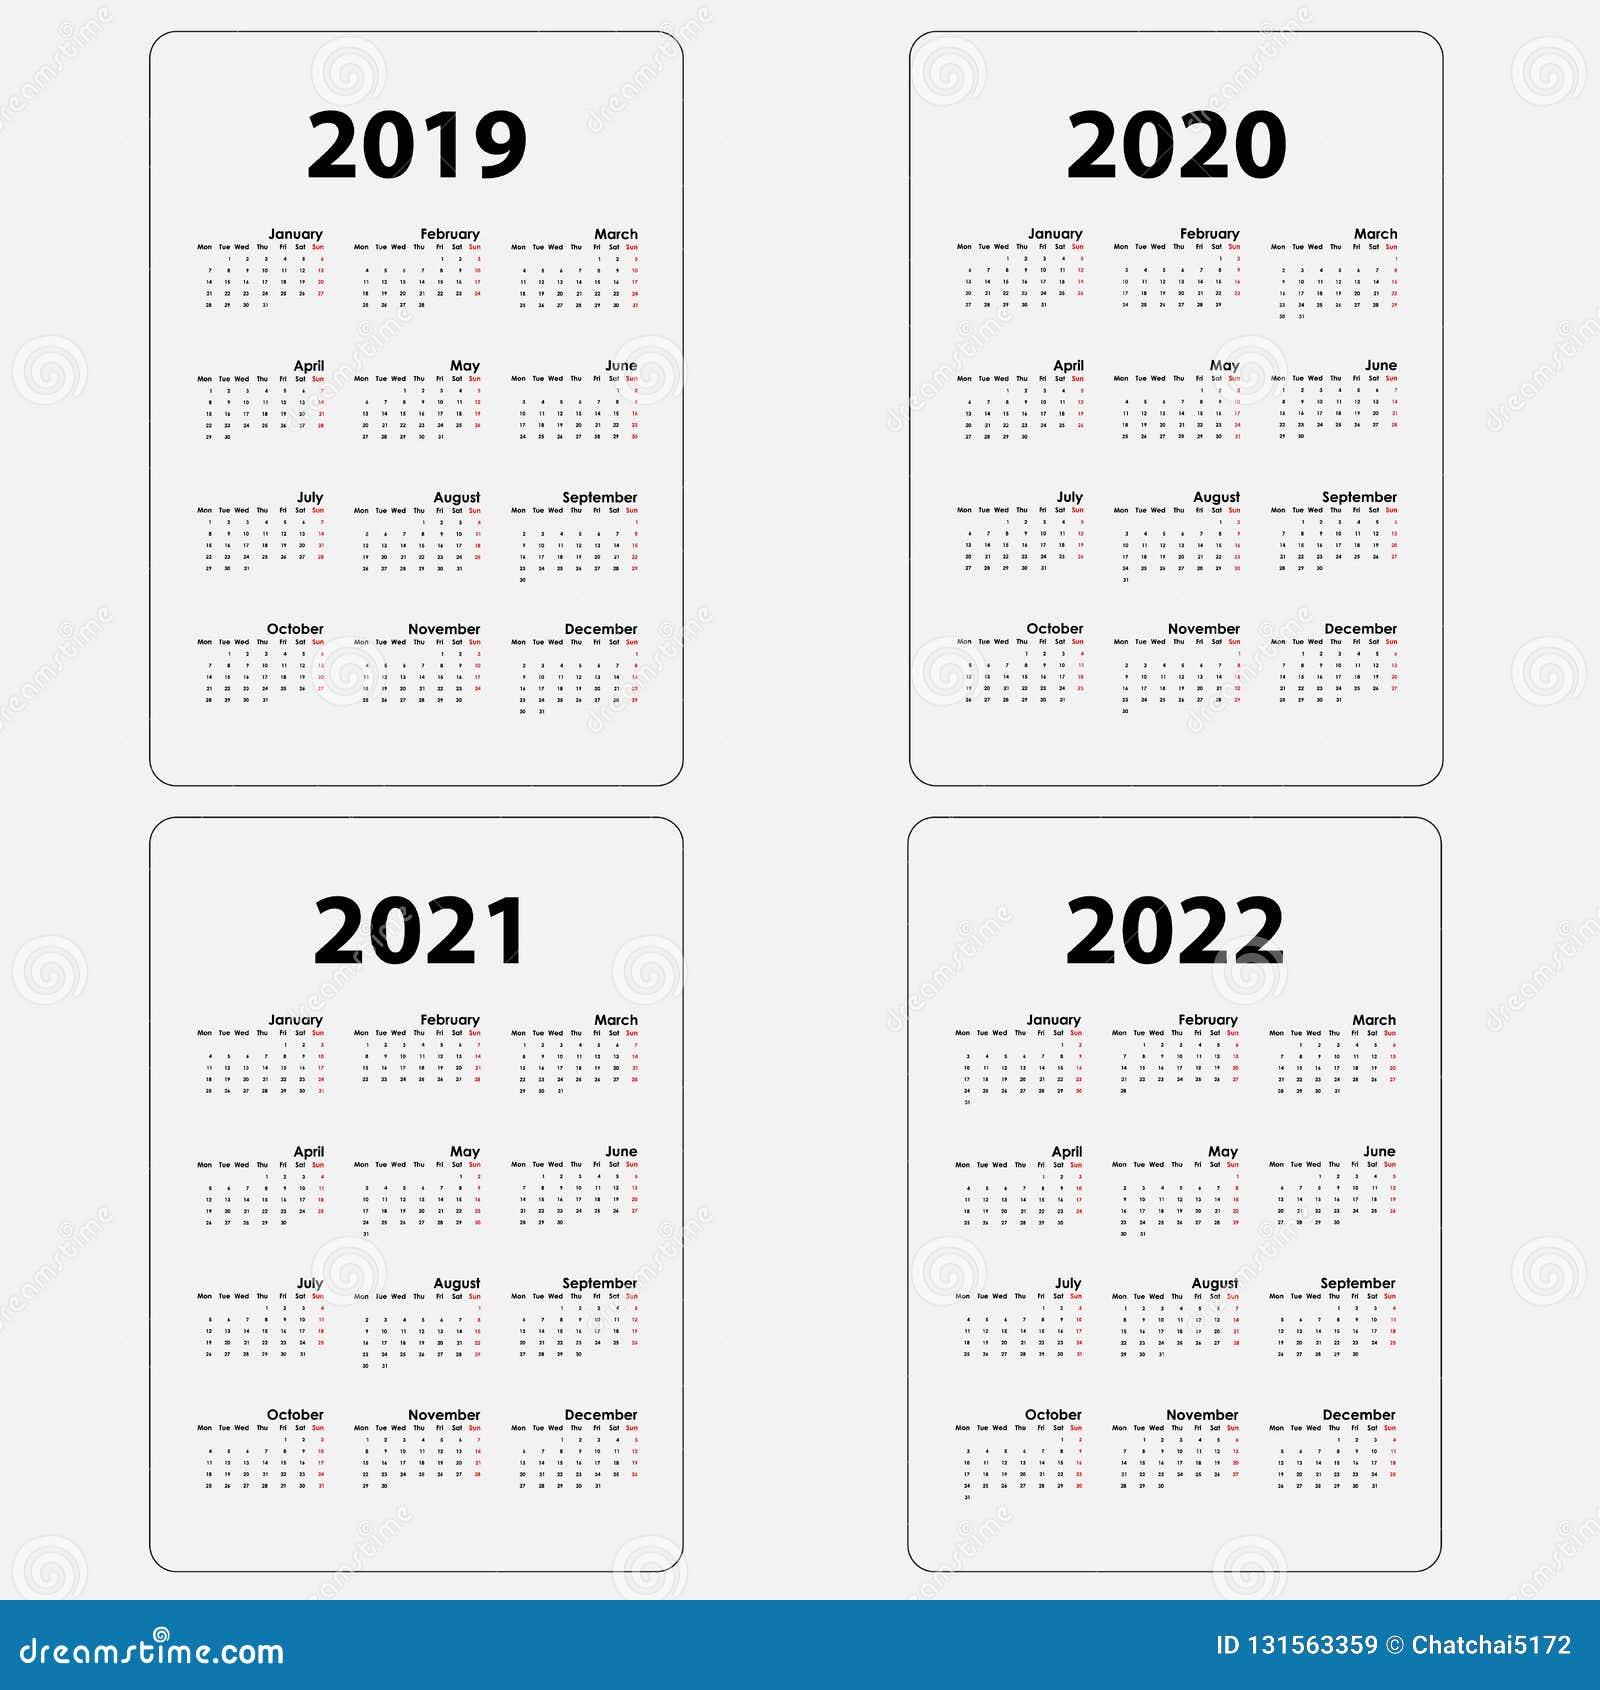 Calendario Fita 2021 2022 Calendar 2019,2020,2021 & 2022 Template.Calendar Design.Yearly